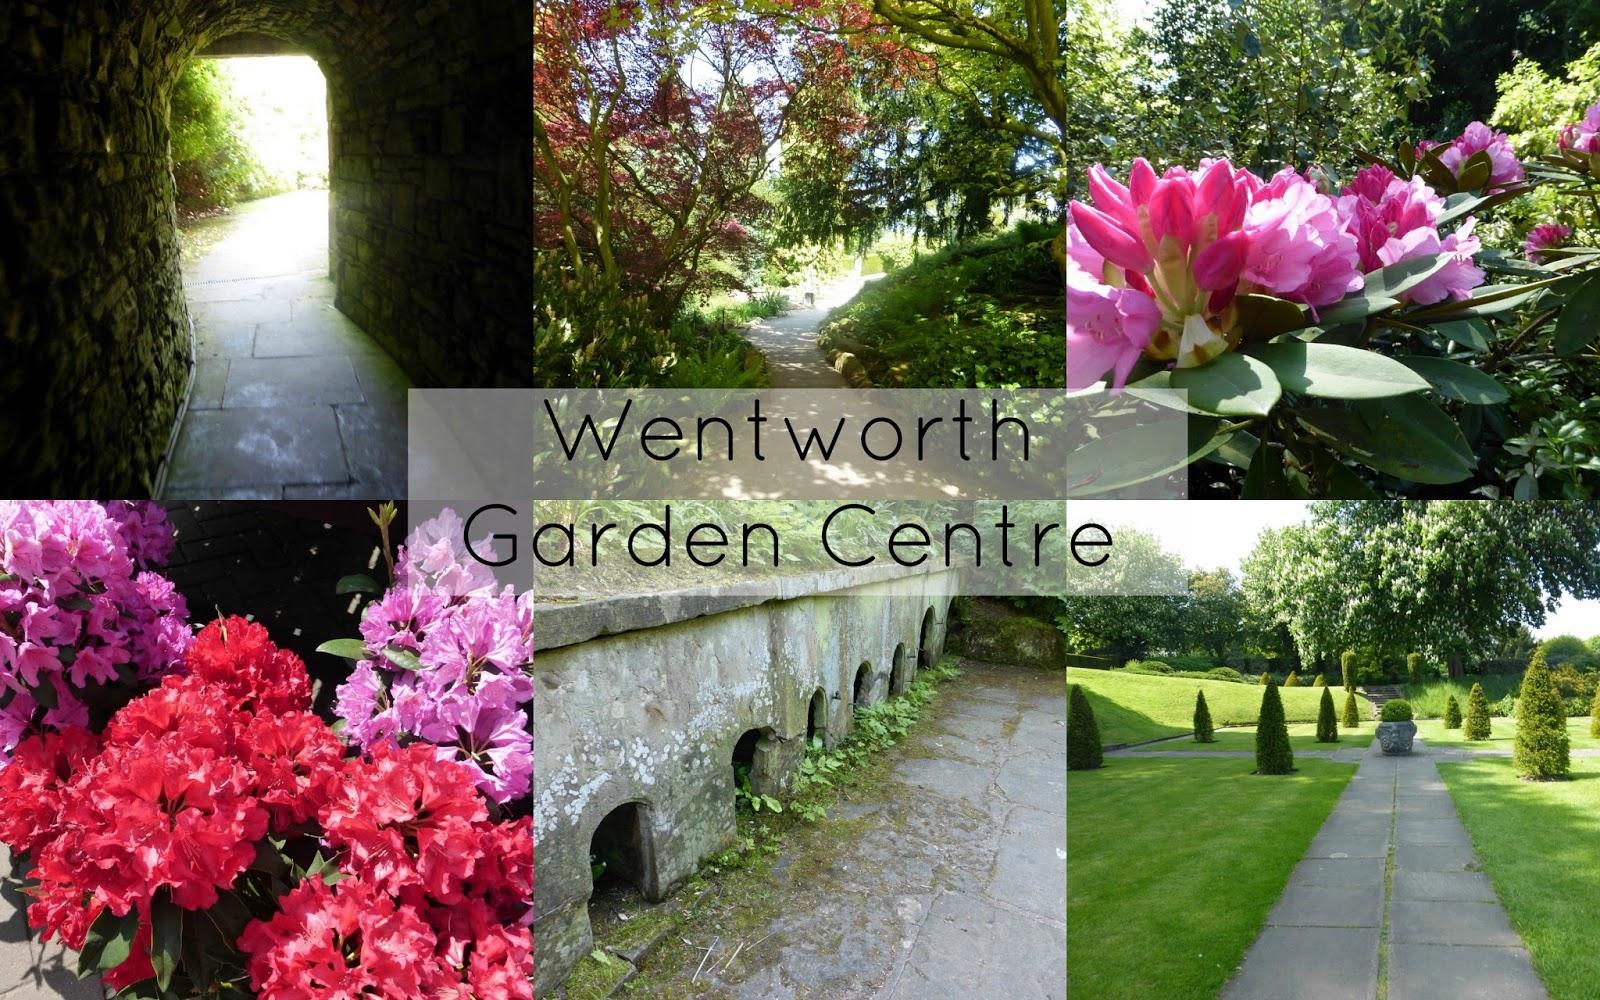 Wentworth Garden Centre.